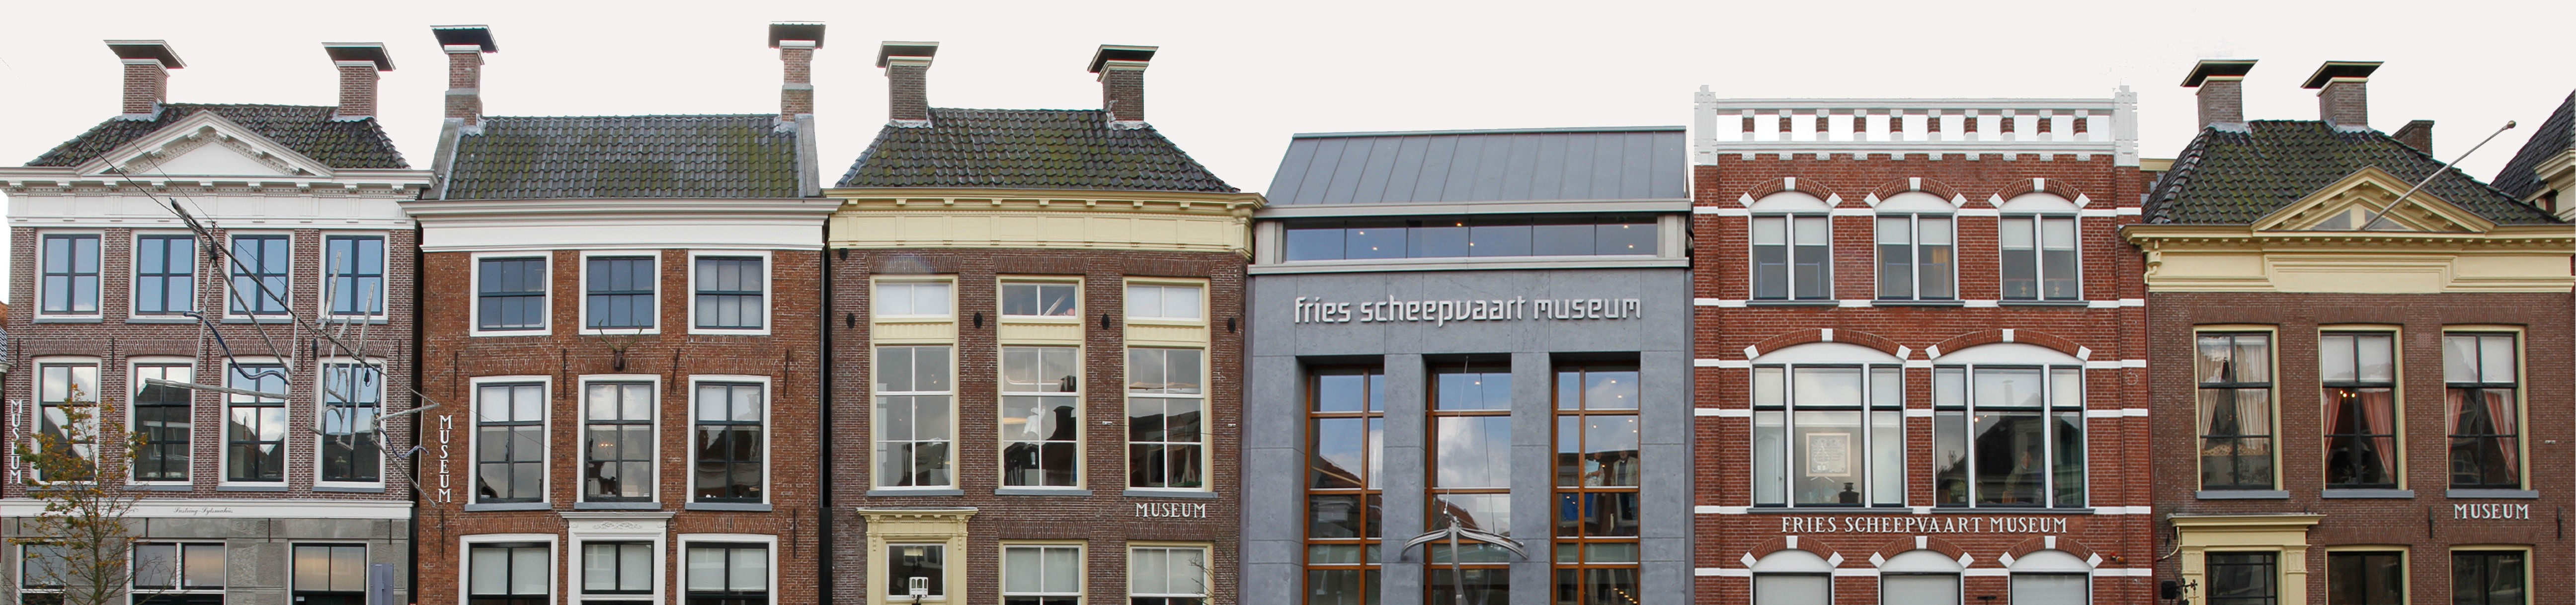 gevels Fries Scheepvaart Museum